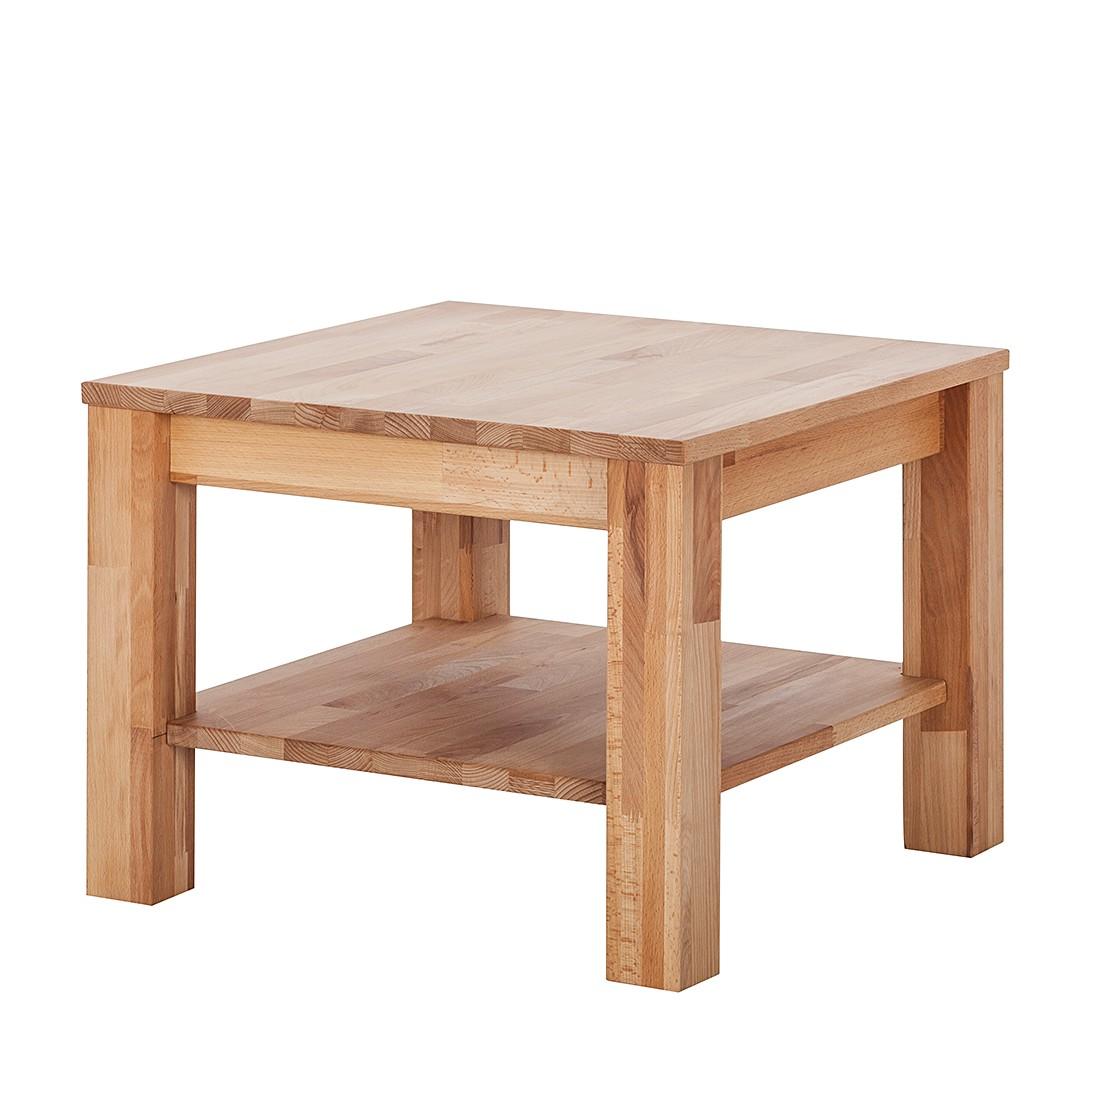 Tavolo da salotto Naia I - Durame di faggio, Ars Natura